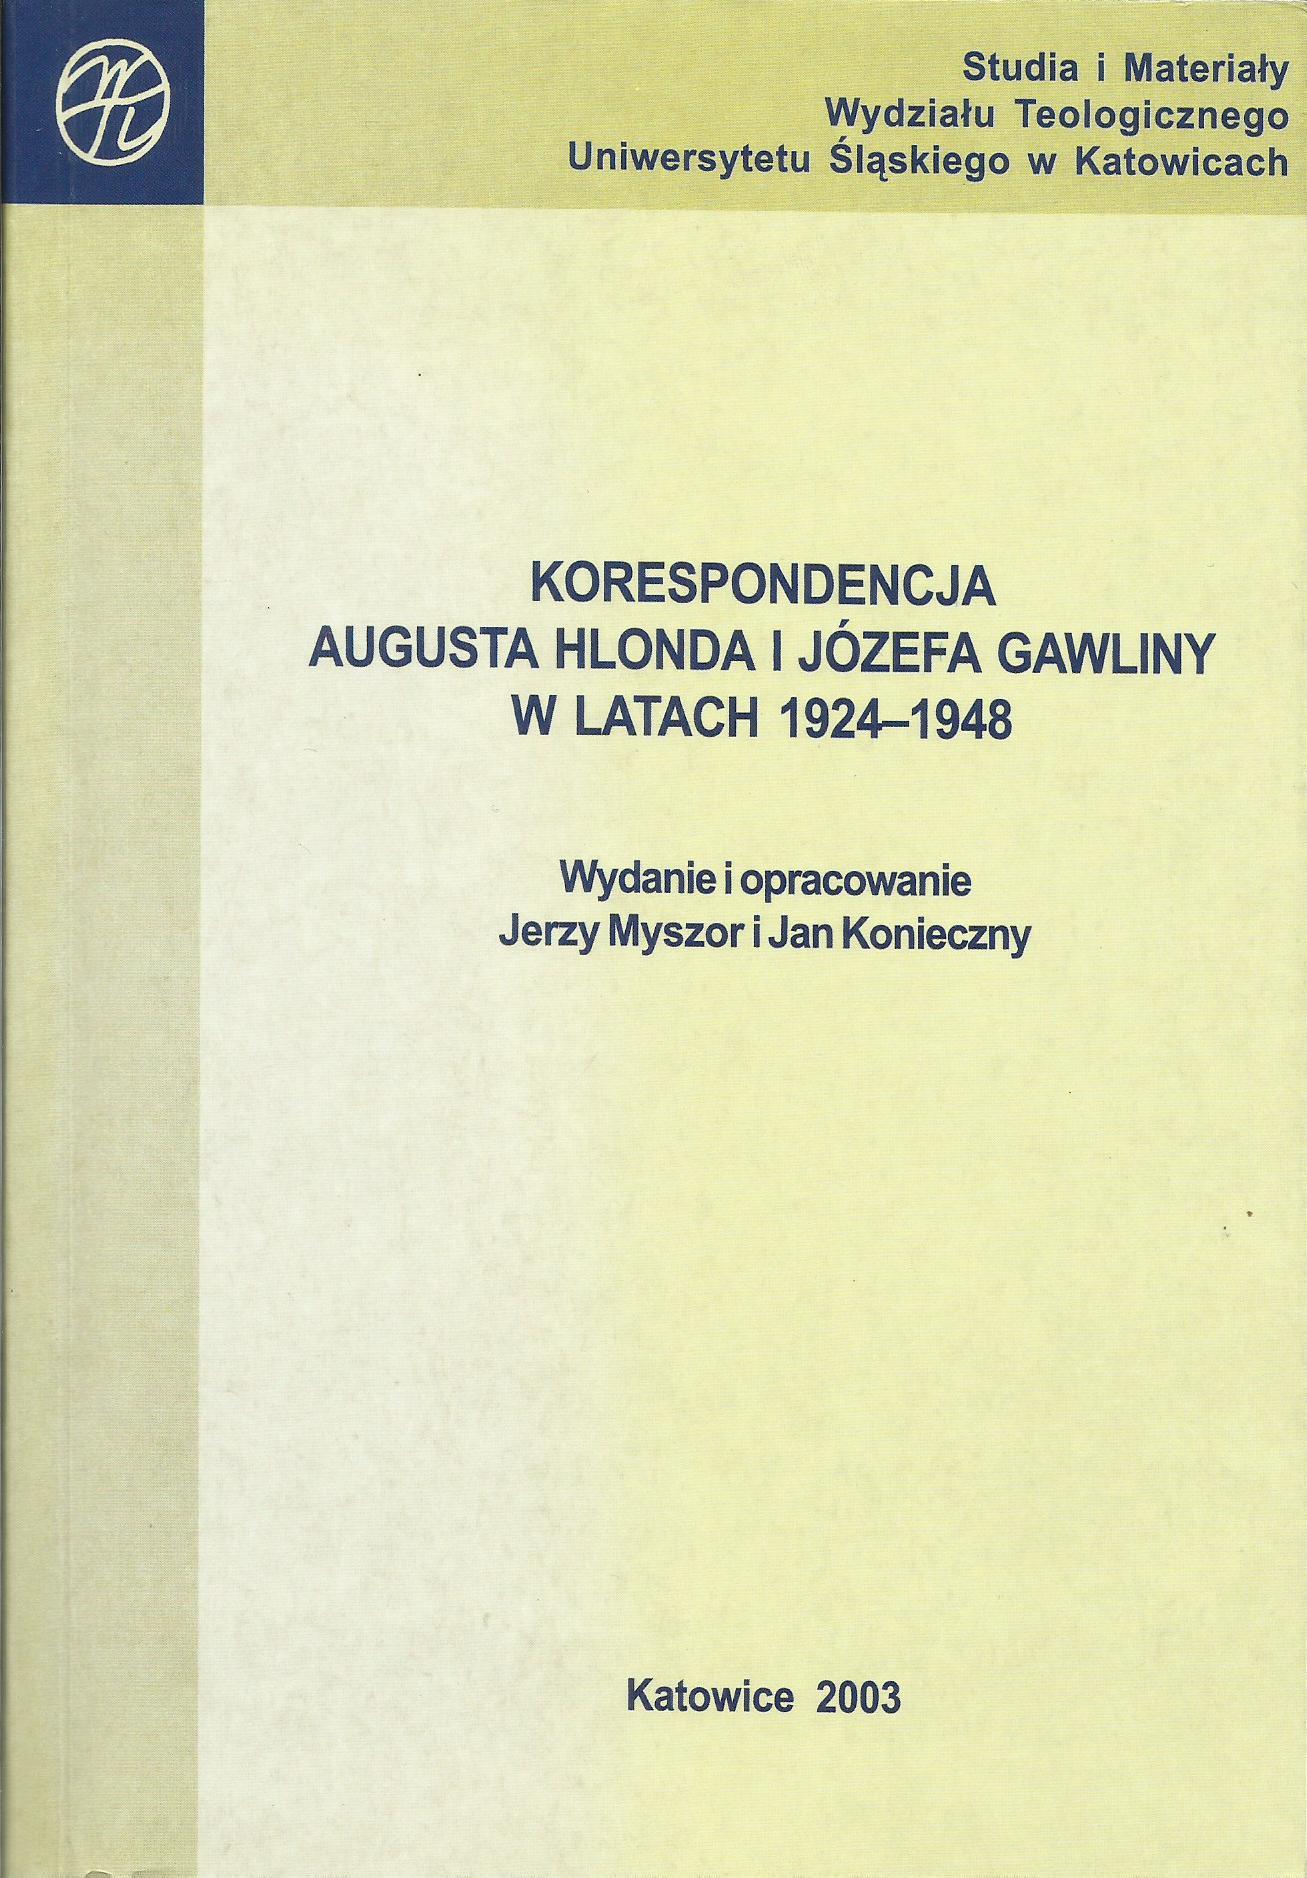 Korespondencja Augusta Hlonda i Józefa Gawliny w latach 1924-1948